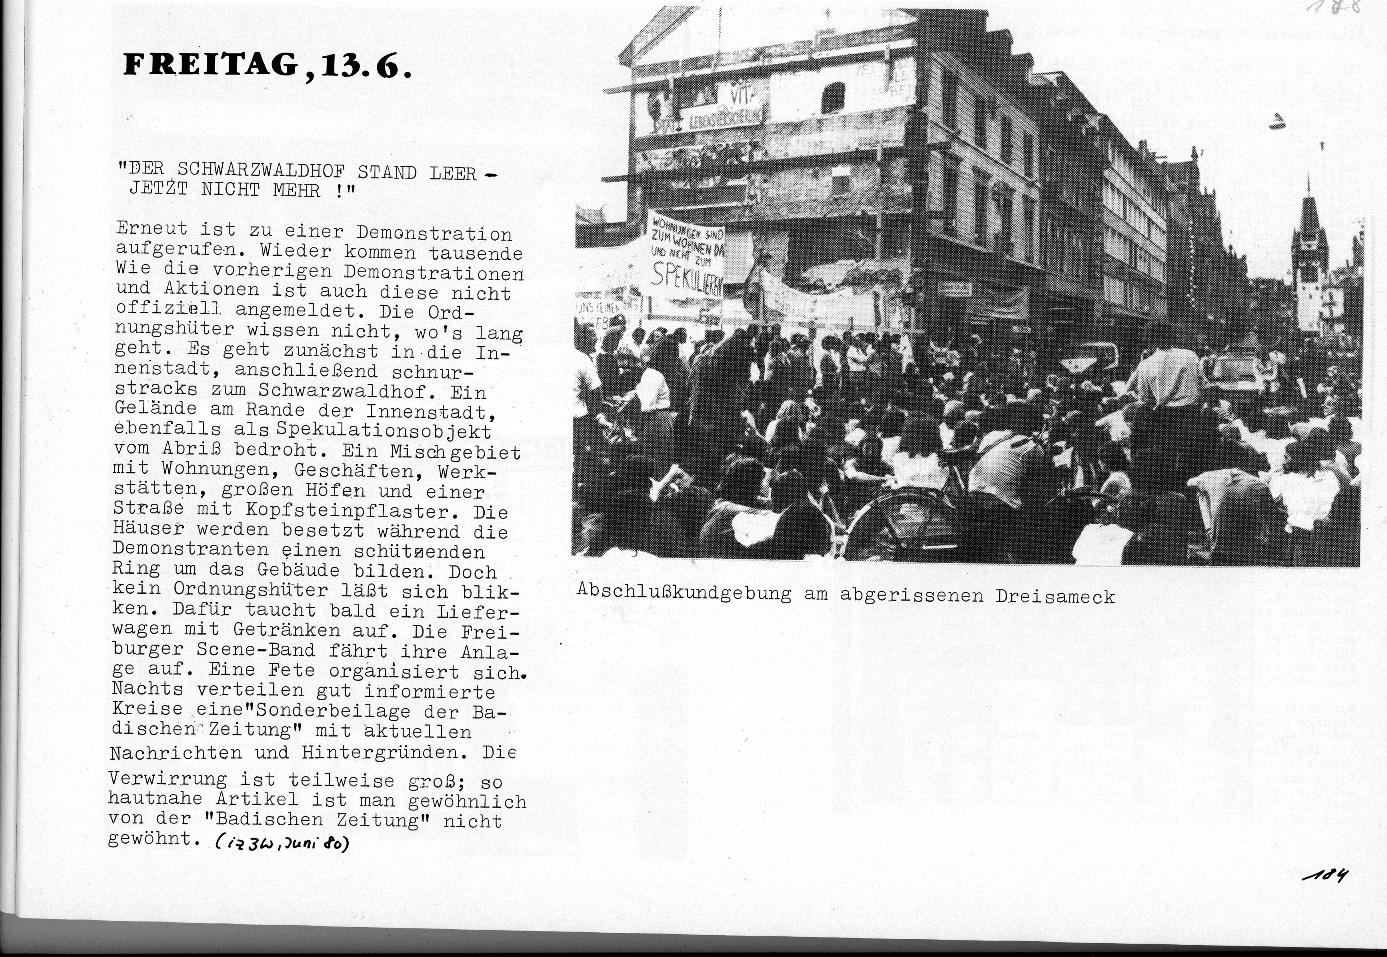 Freiburg_Hausbesetzung_01_Dreisameck_186